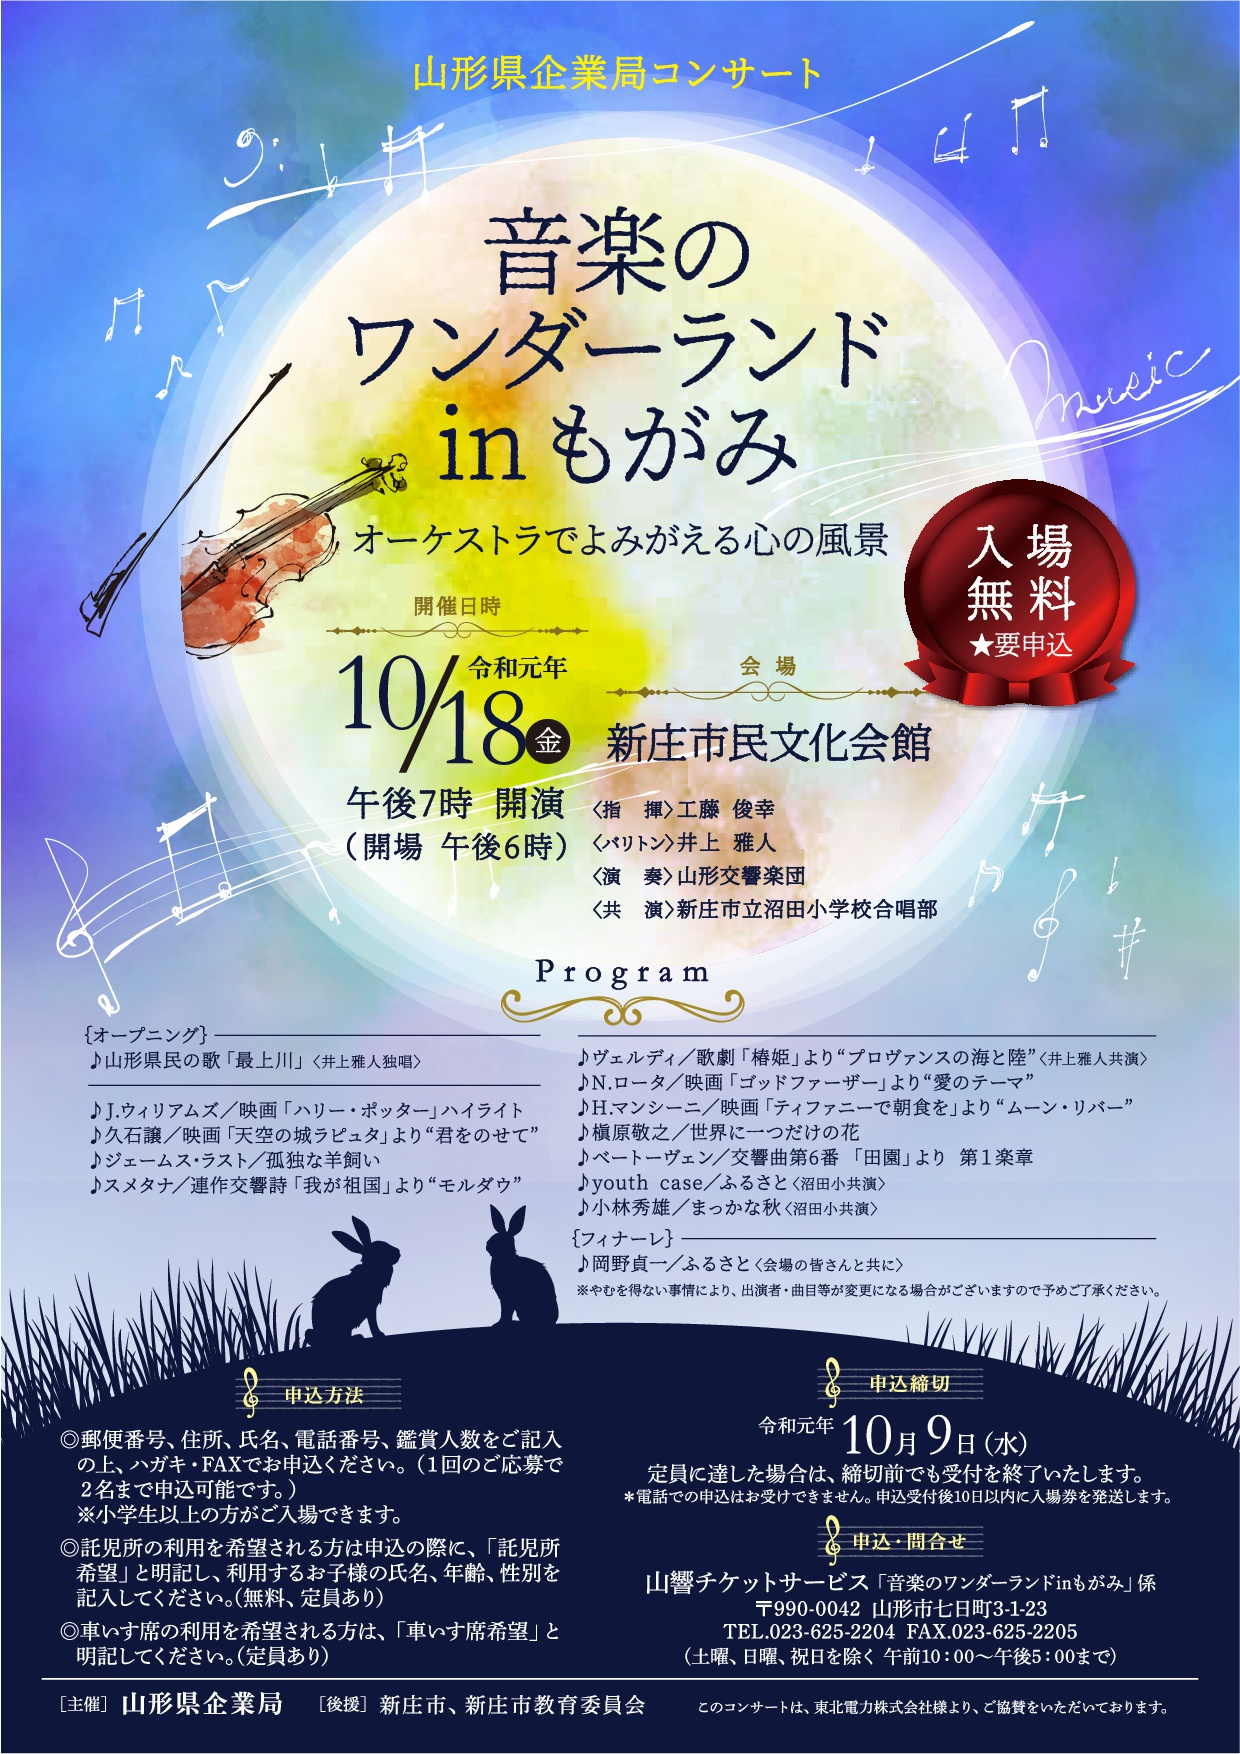 山形県企業局コンサート<br>「音楽のワンダーランド in もがみ」